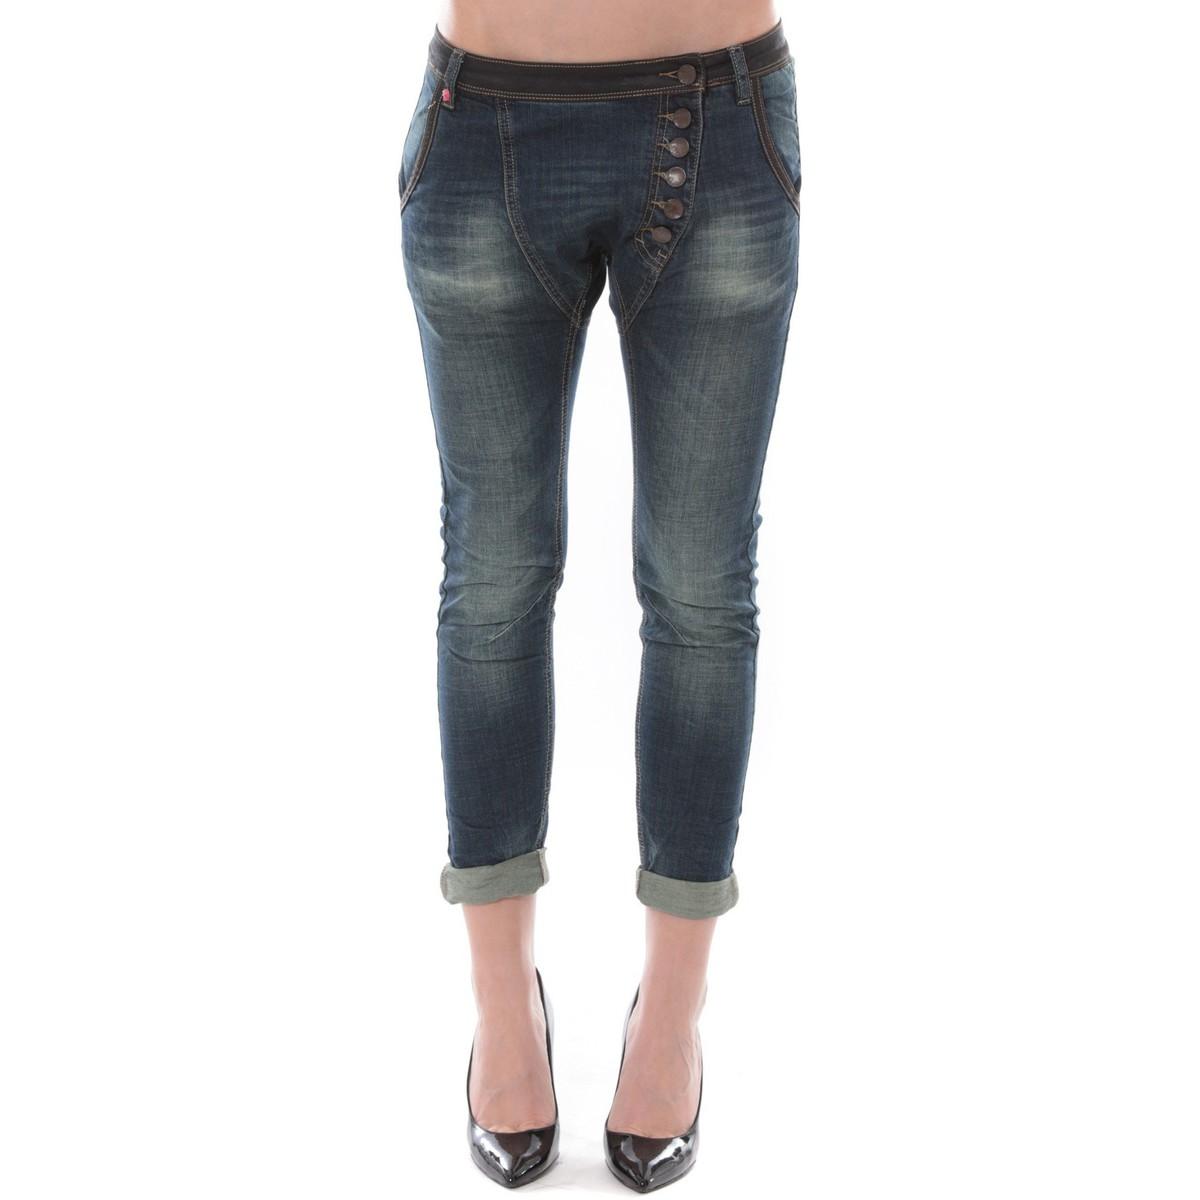 Dress Code Jean Remixx Bleu Brut RX862 Bleu